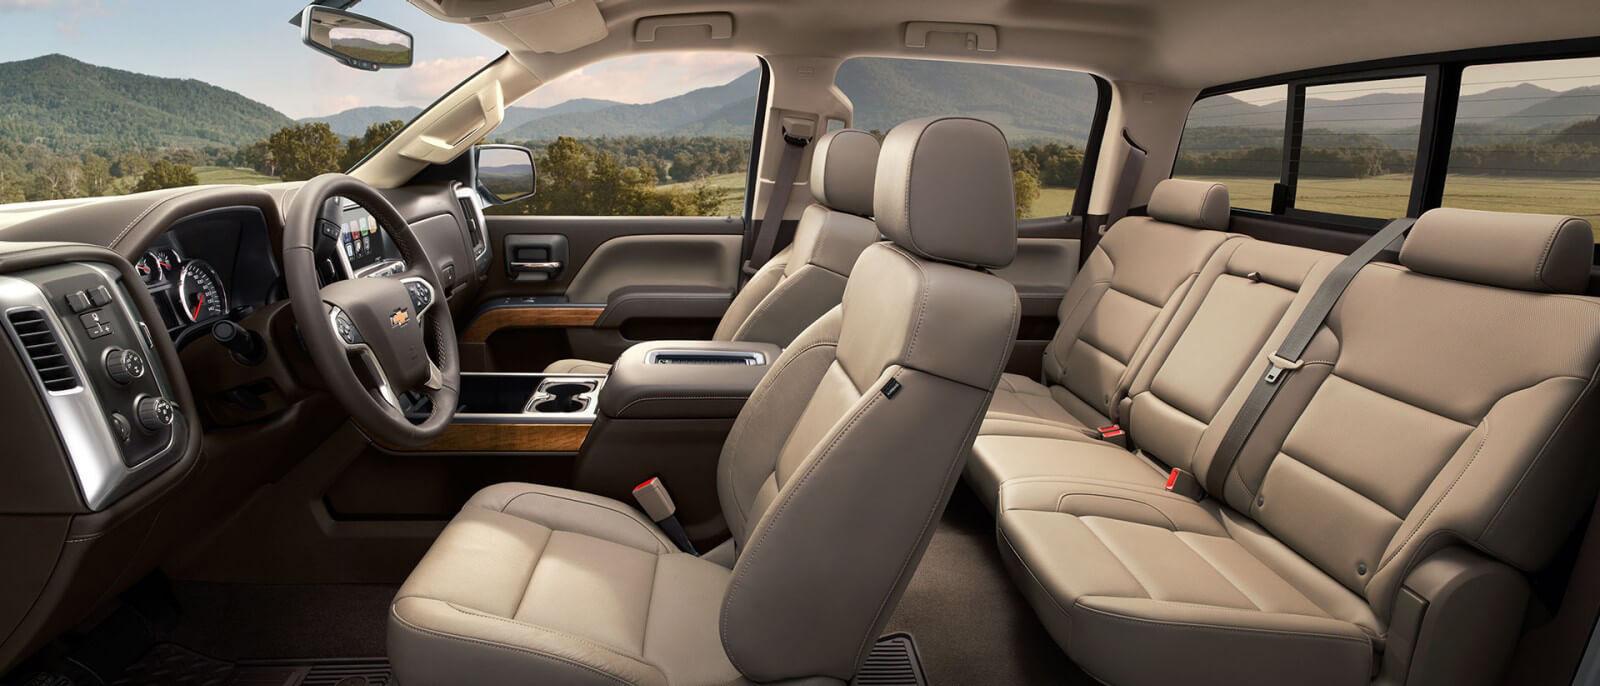 2017 Chevrolet Silverado 1500 Interior